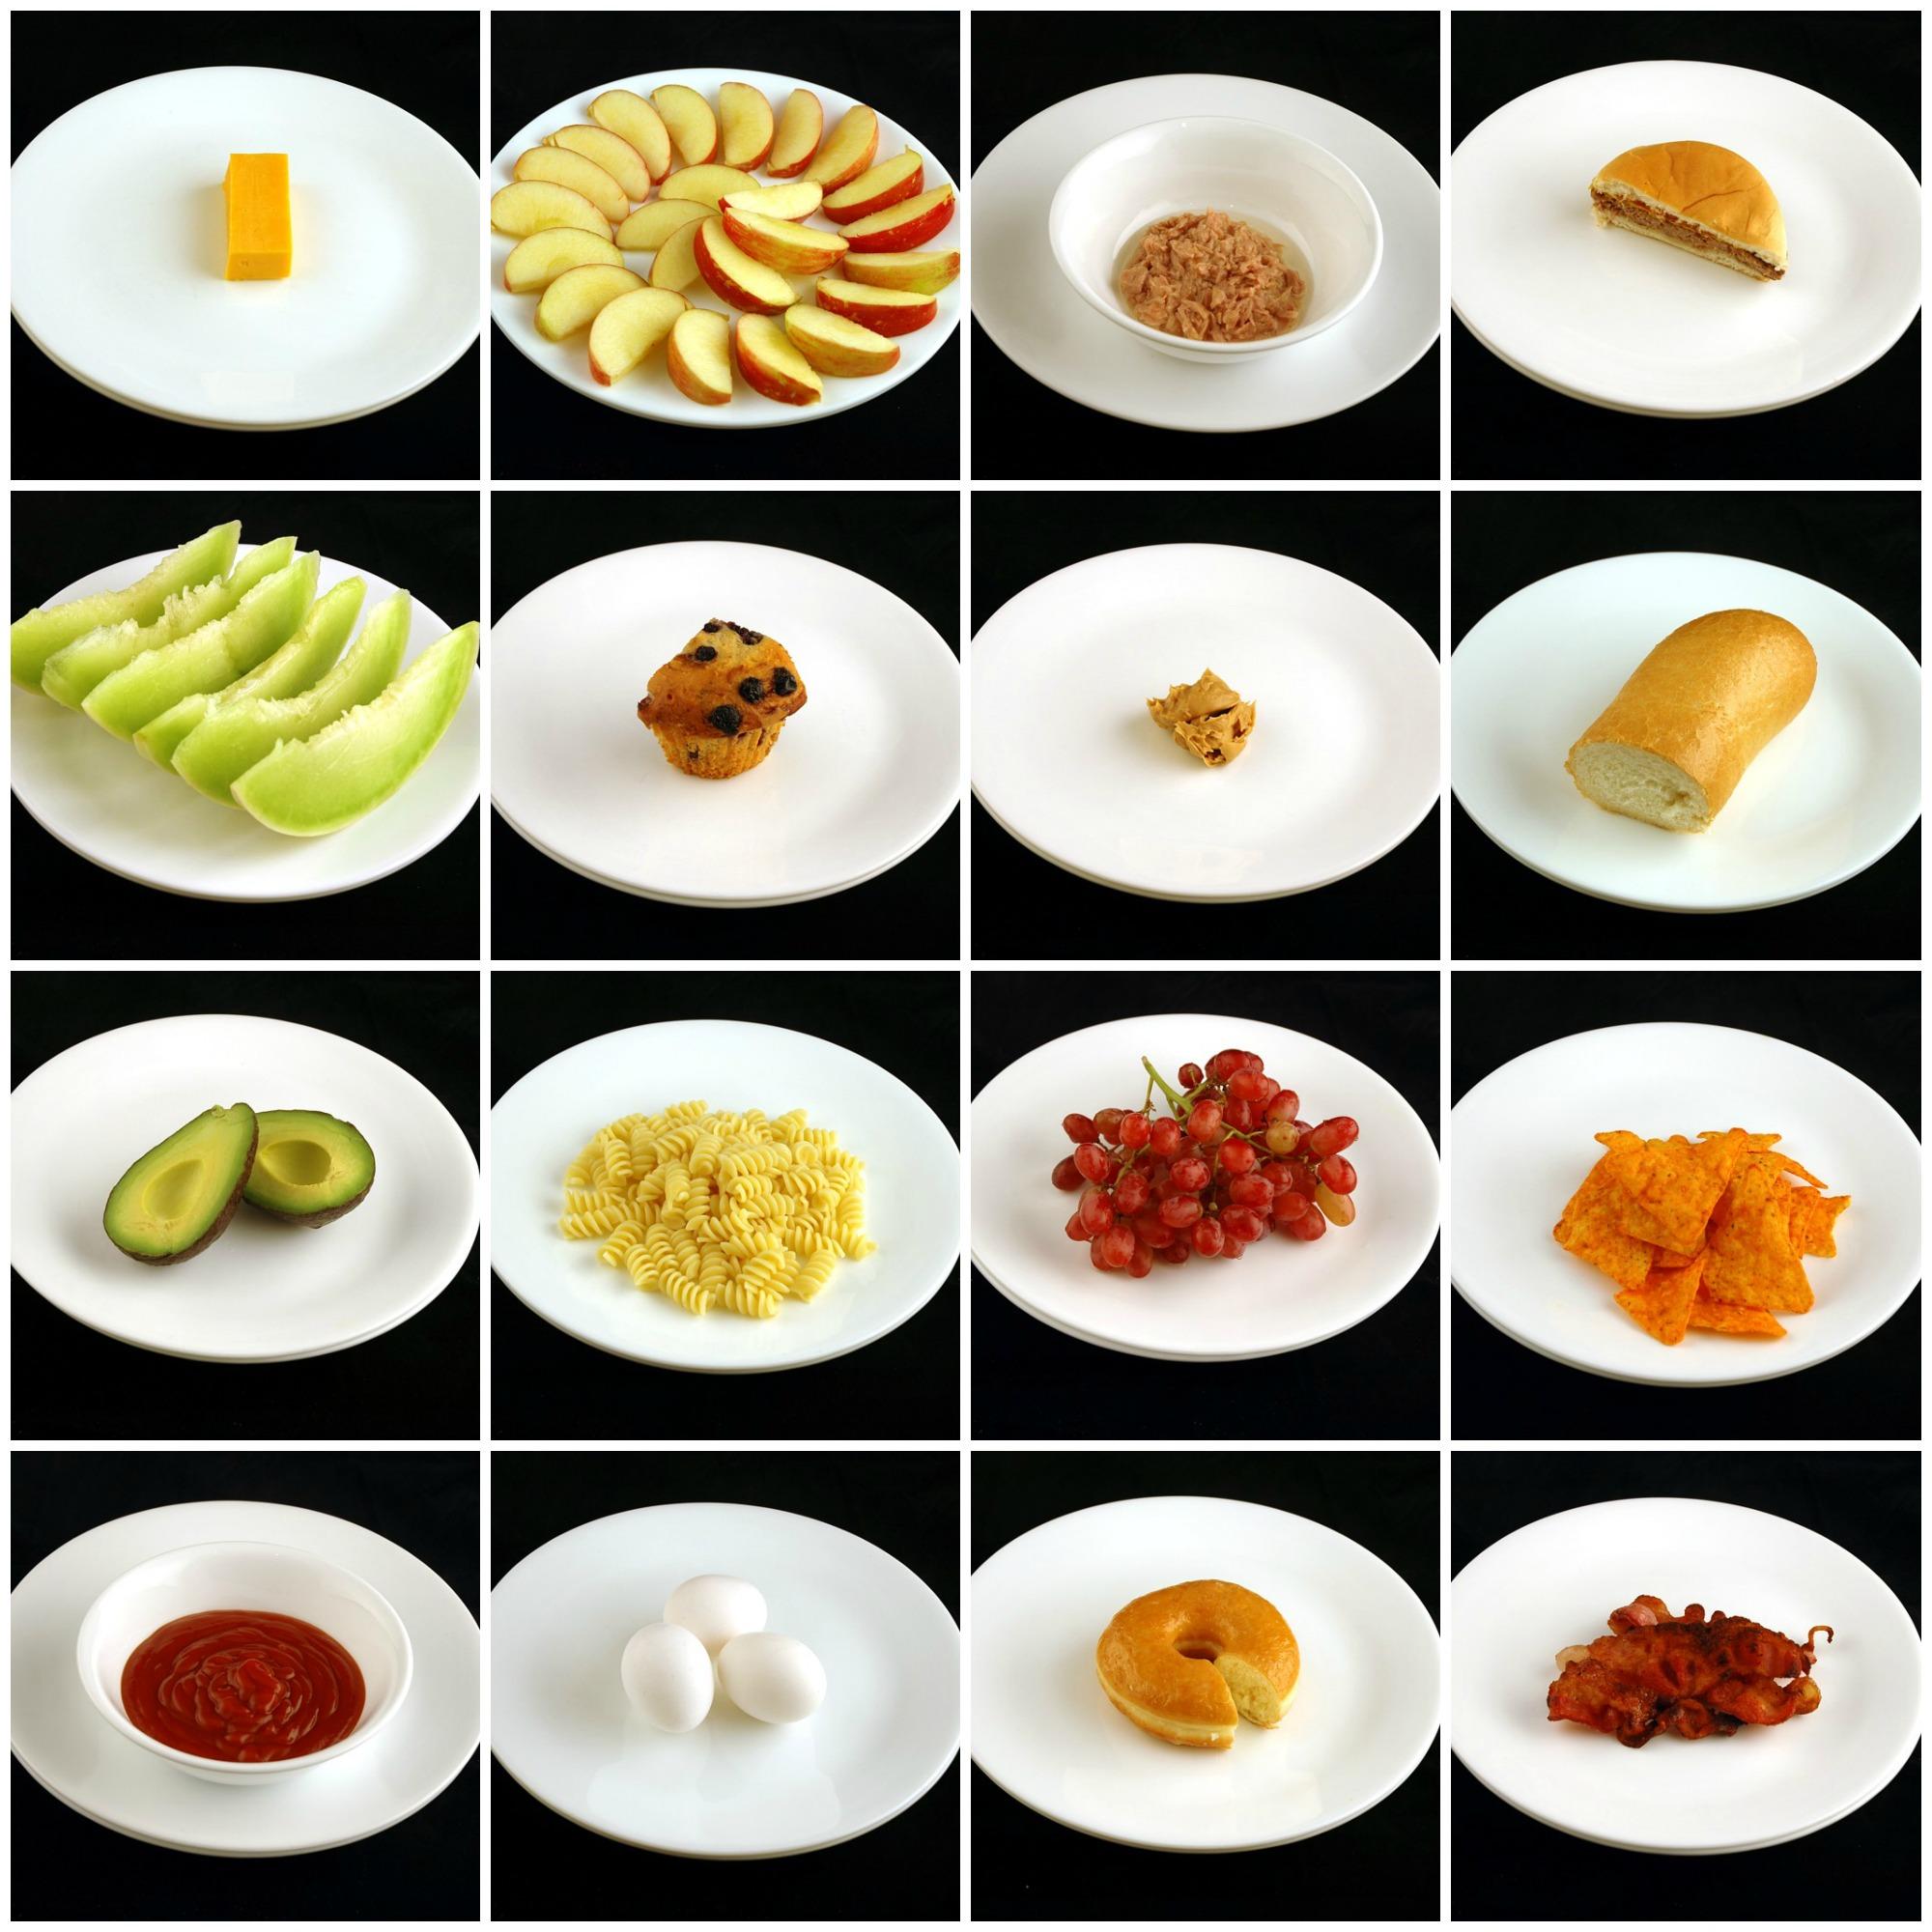 Nutricionizam nije pouzdan zbog ovih 5 razloga, ali jedno bar znamo…